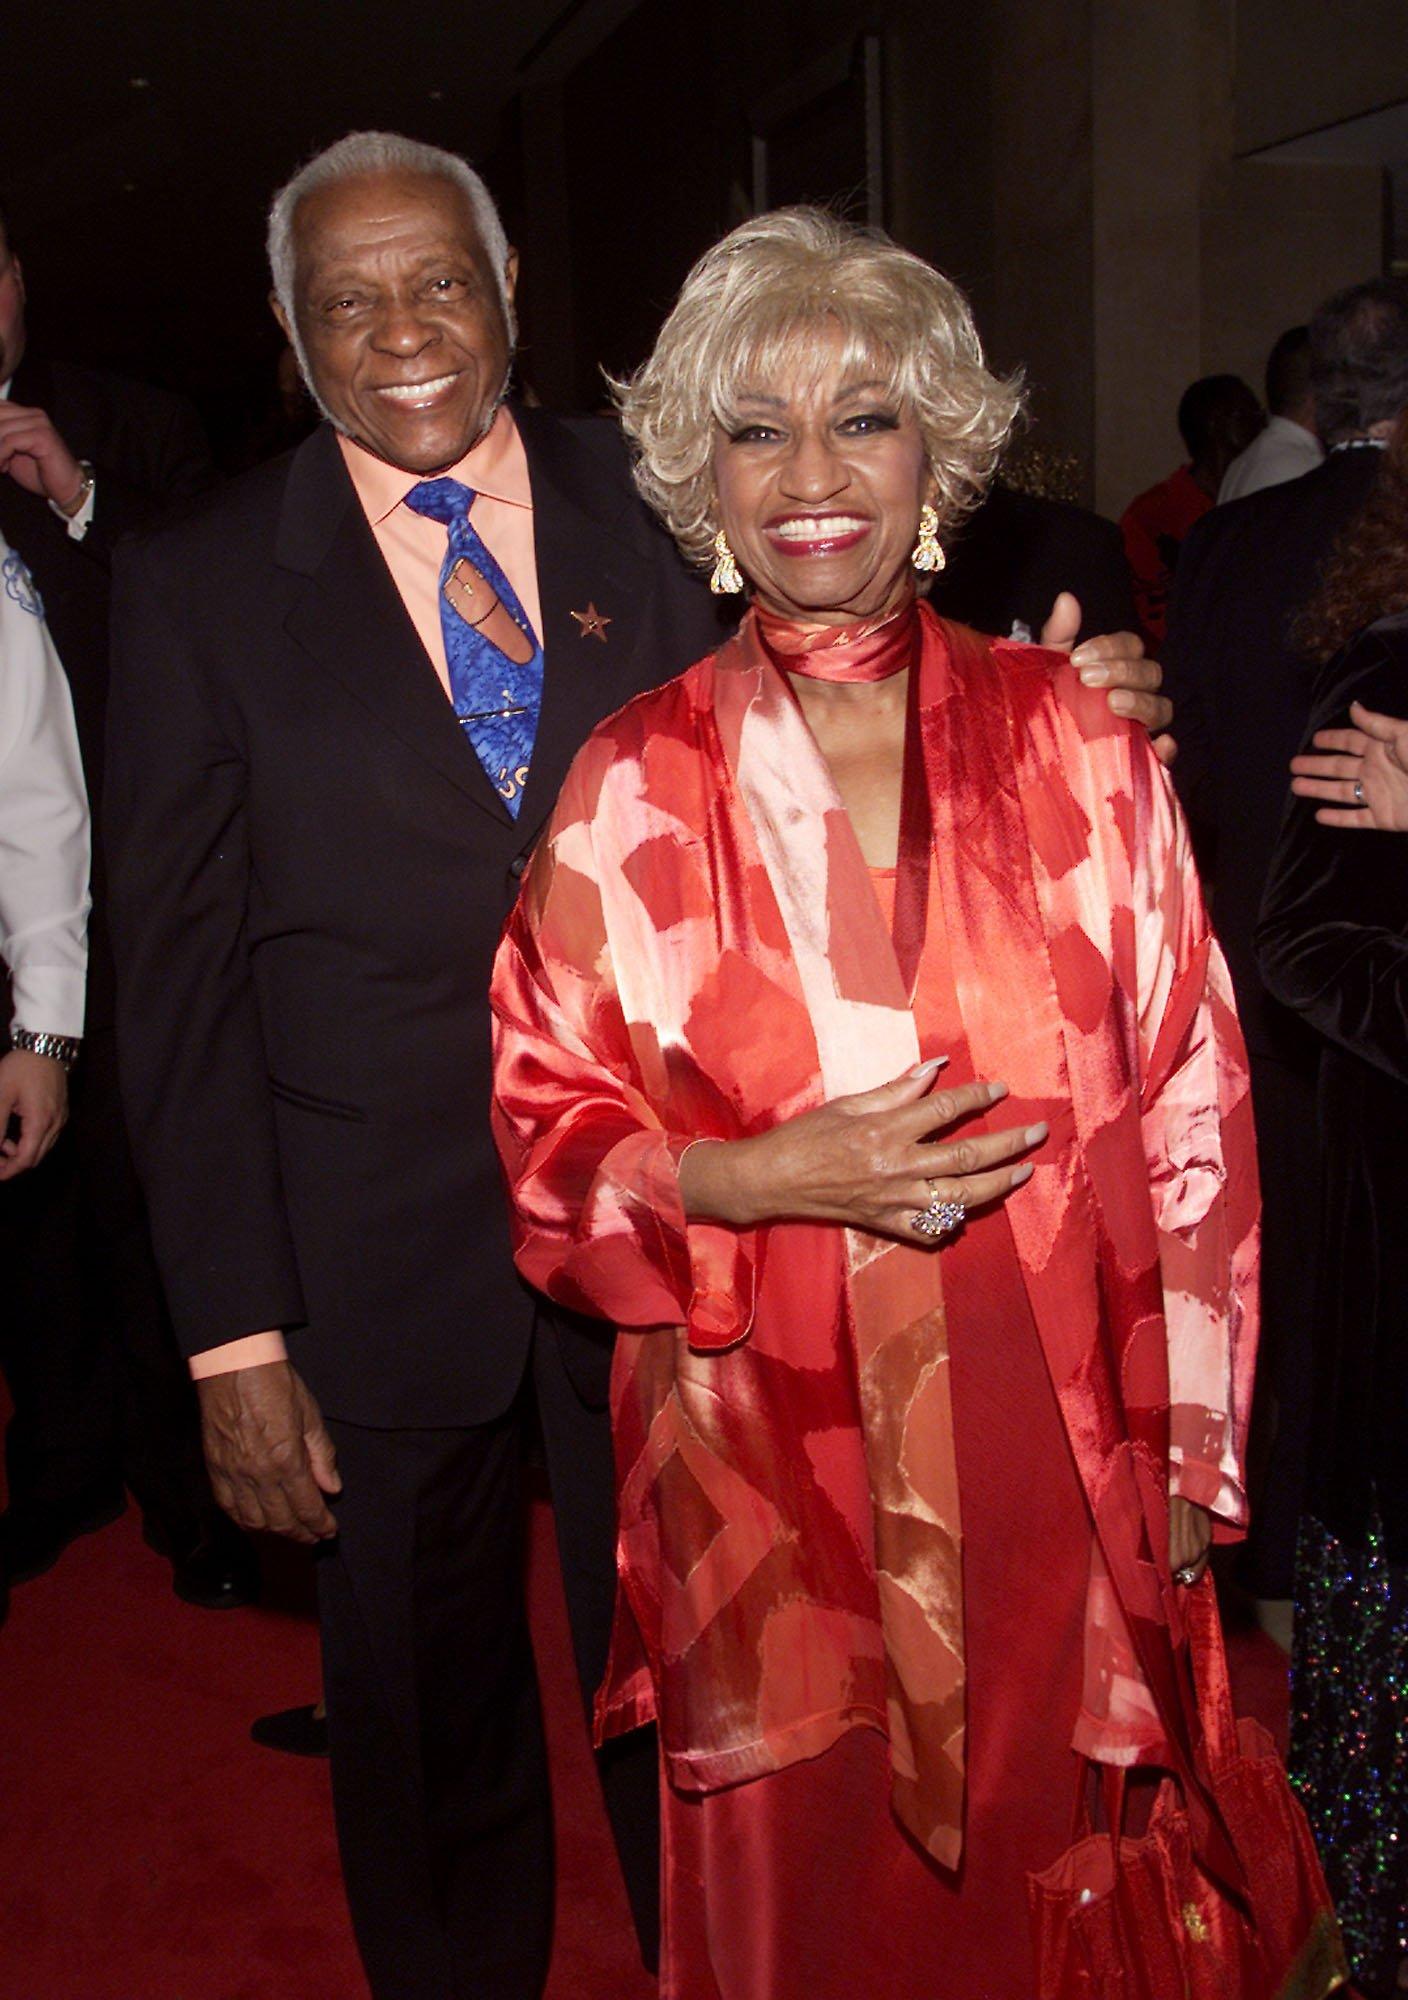 Celia Cruz (der) y su esposo Pedro Knight (izq) en el homenaje de la Academia de Música Latina a Julio Iglesias en Los Ángeles en 2001    Fuente: Getty Images